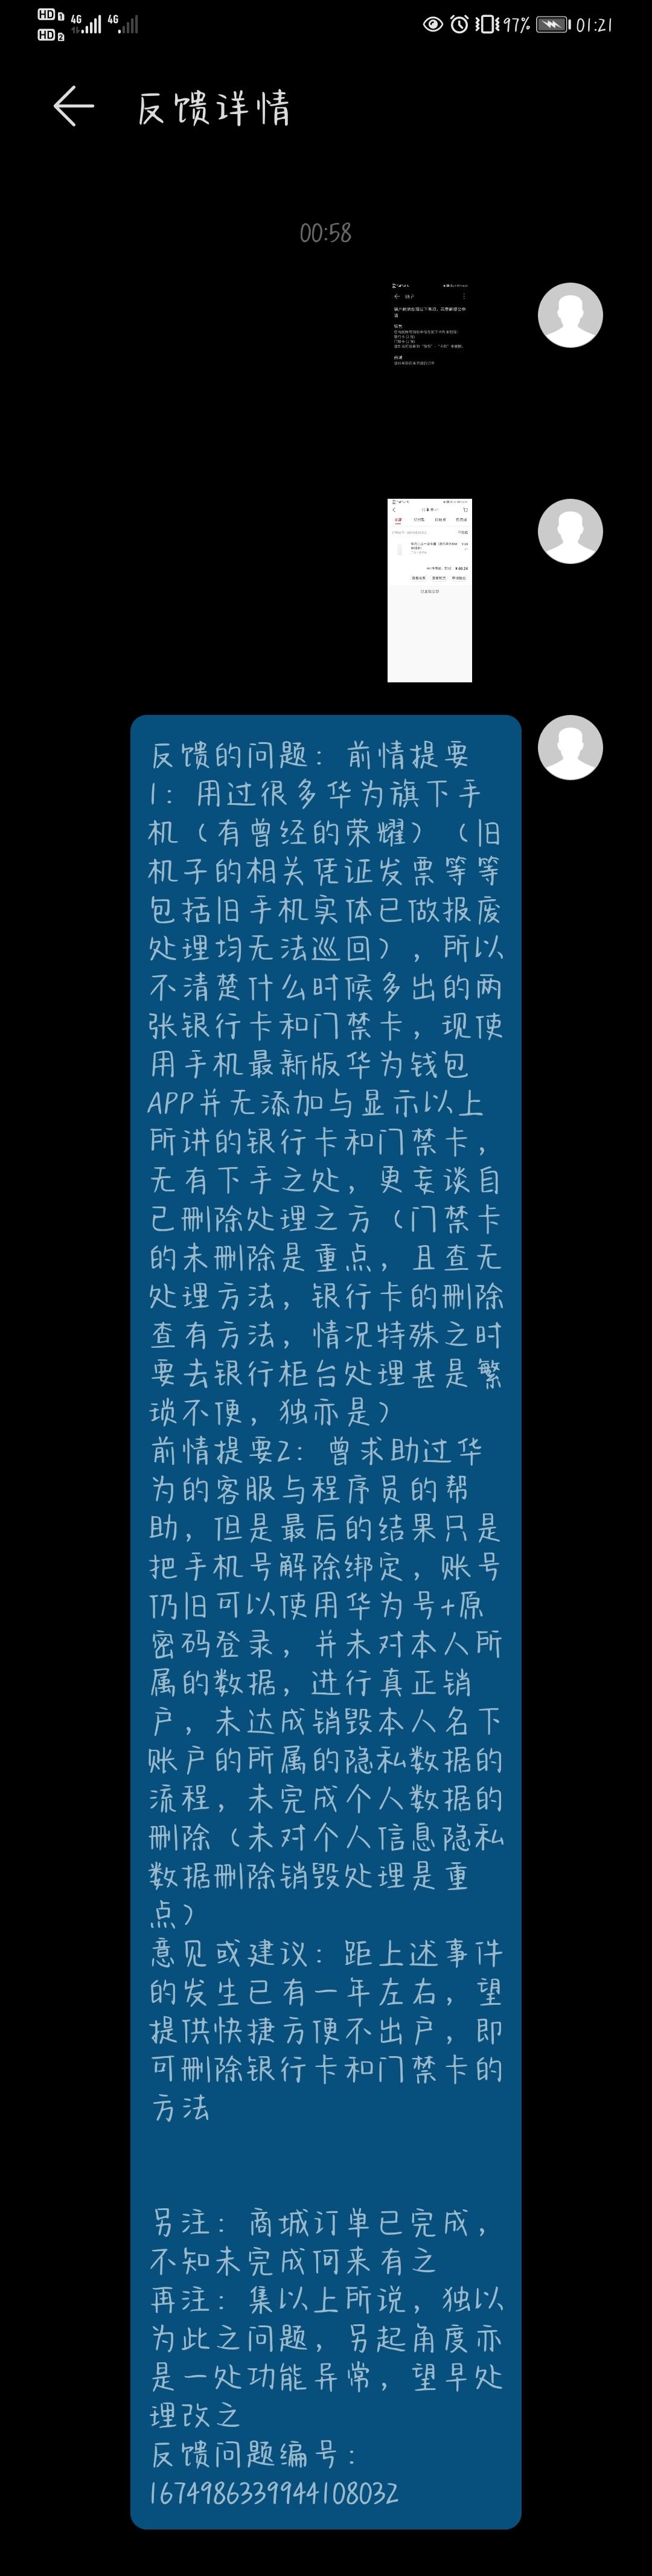 Screenshot_20210430_012142.jpg